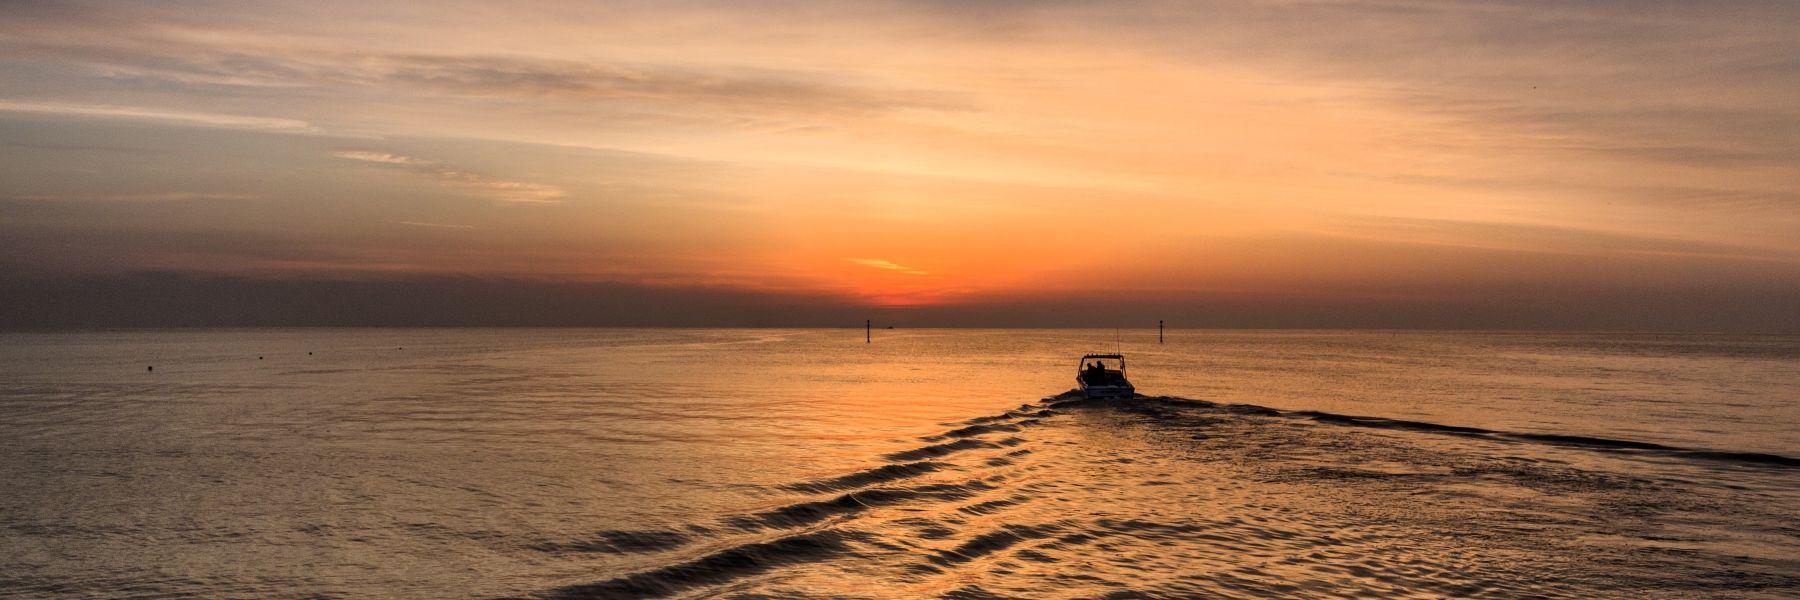 Un'alba in riva al mare con peschereccio - FR